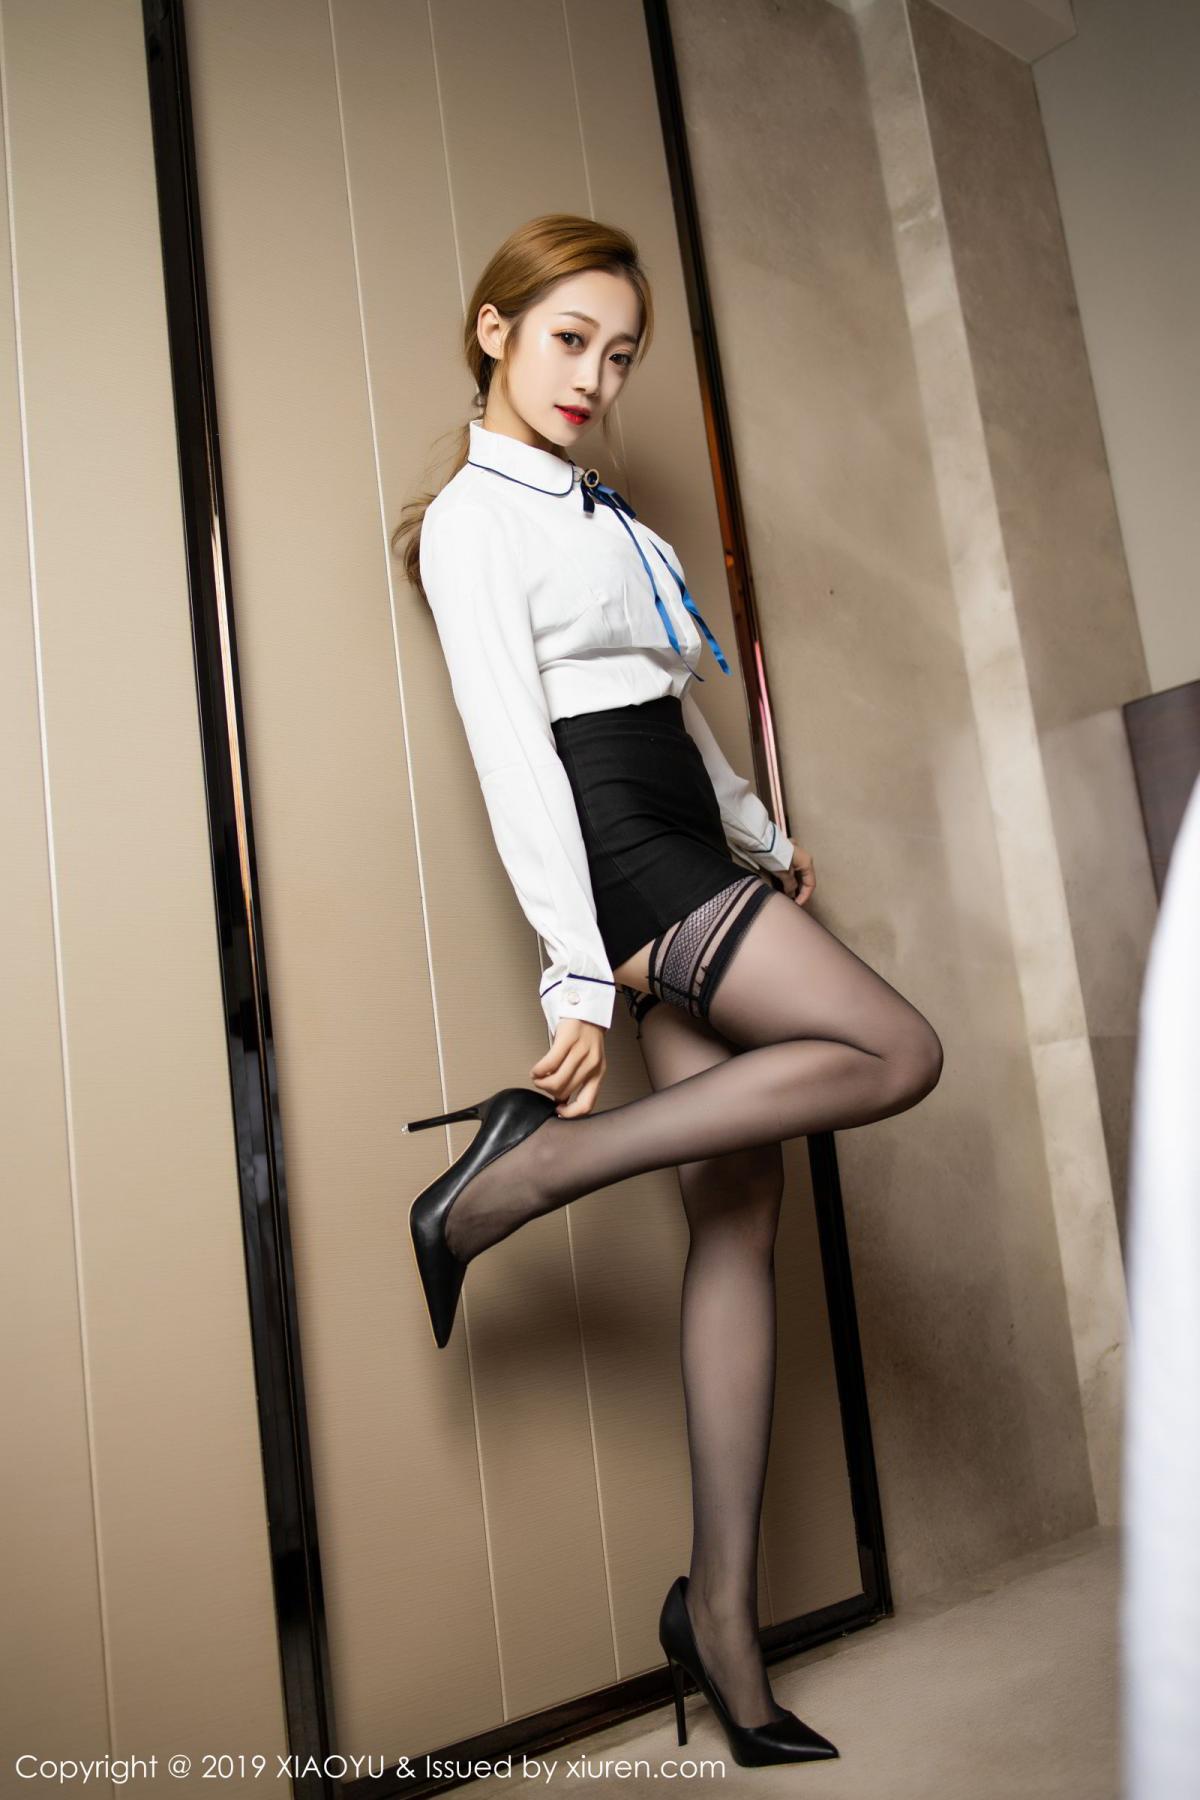 [XiaoYu] Vol.181 Yuner Claire 7P, Black Silk, Underwear, XiaoYu, Yuner Claire